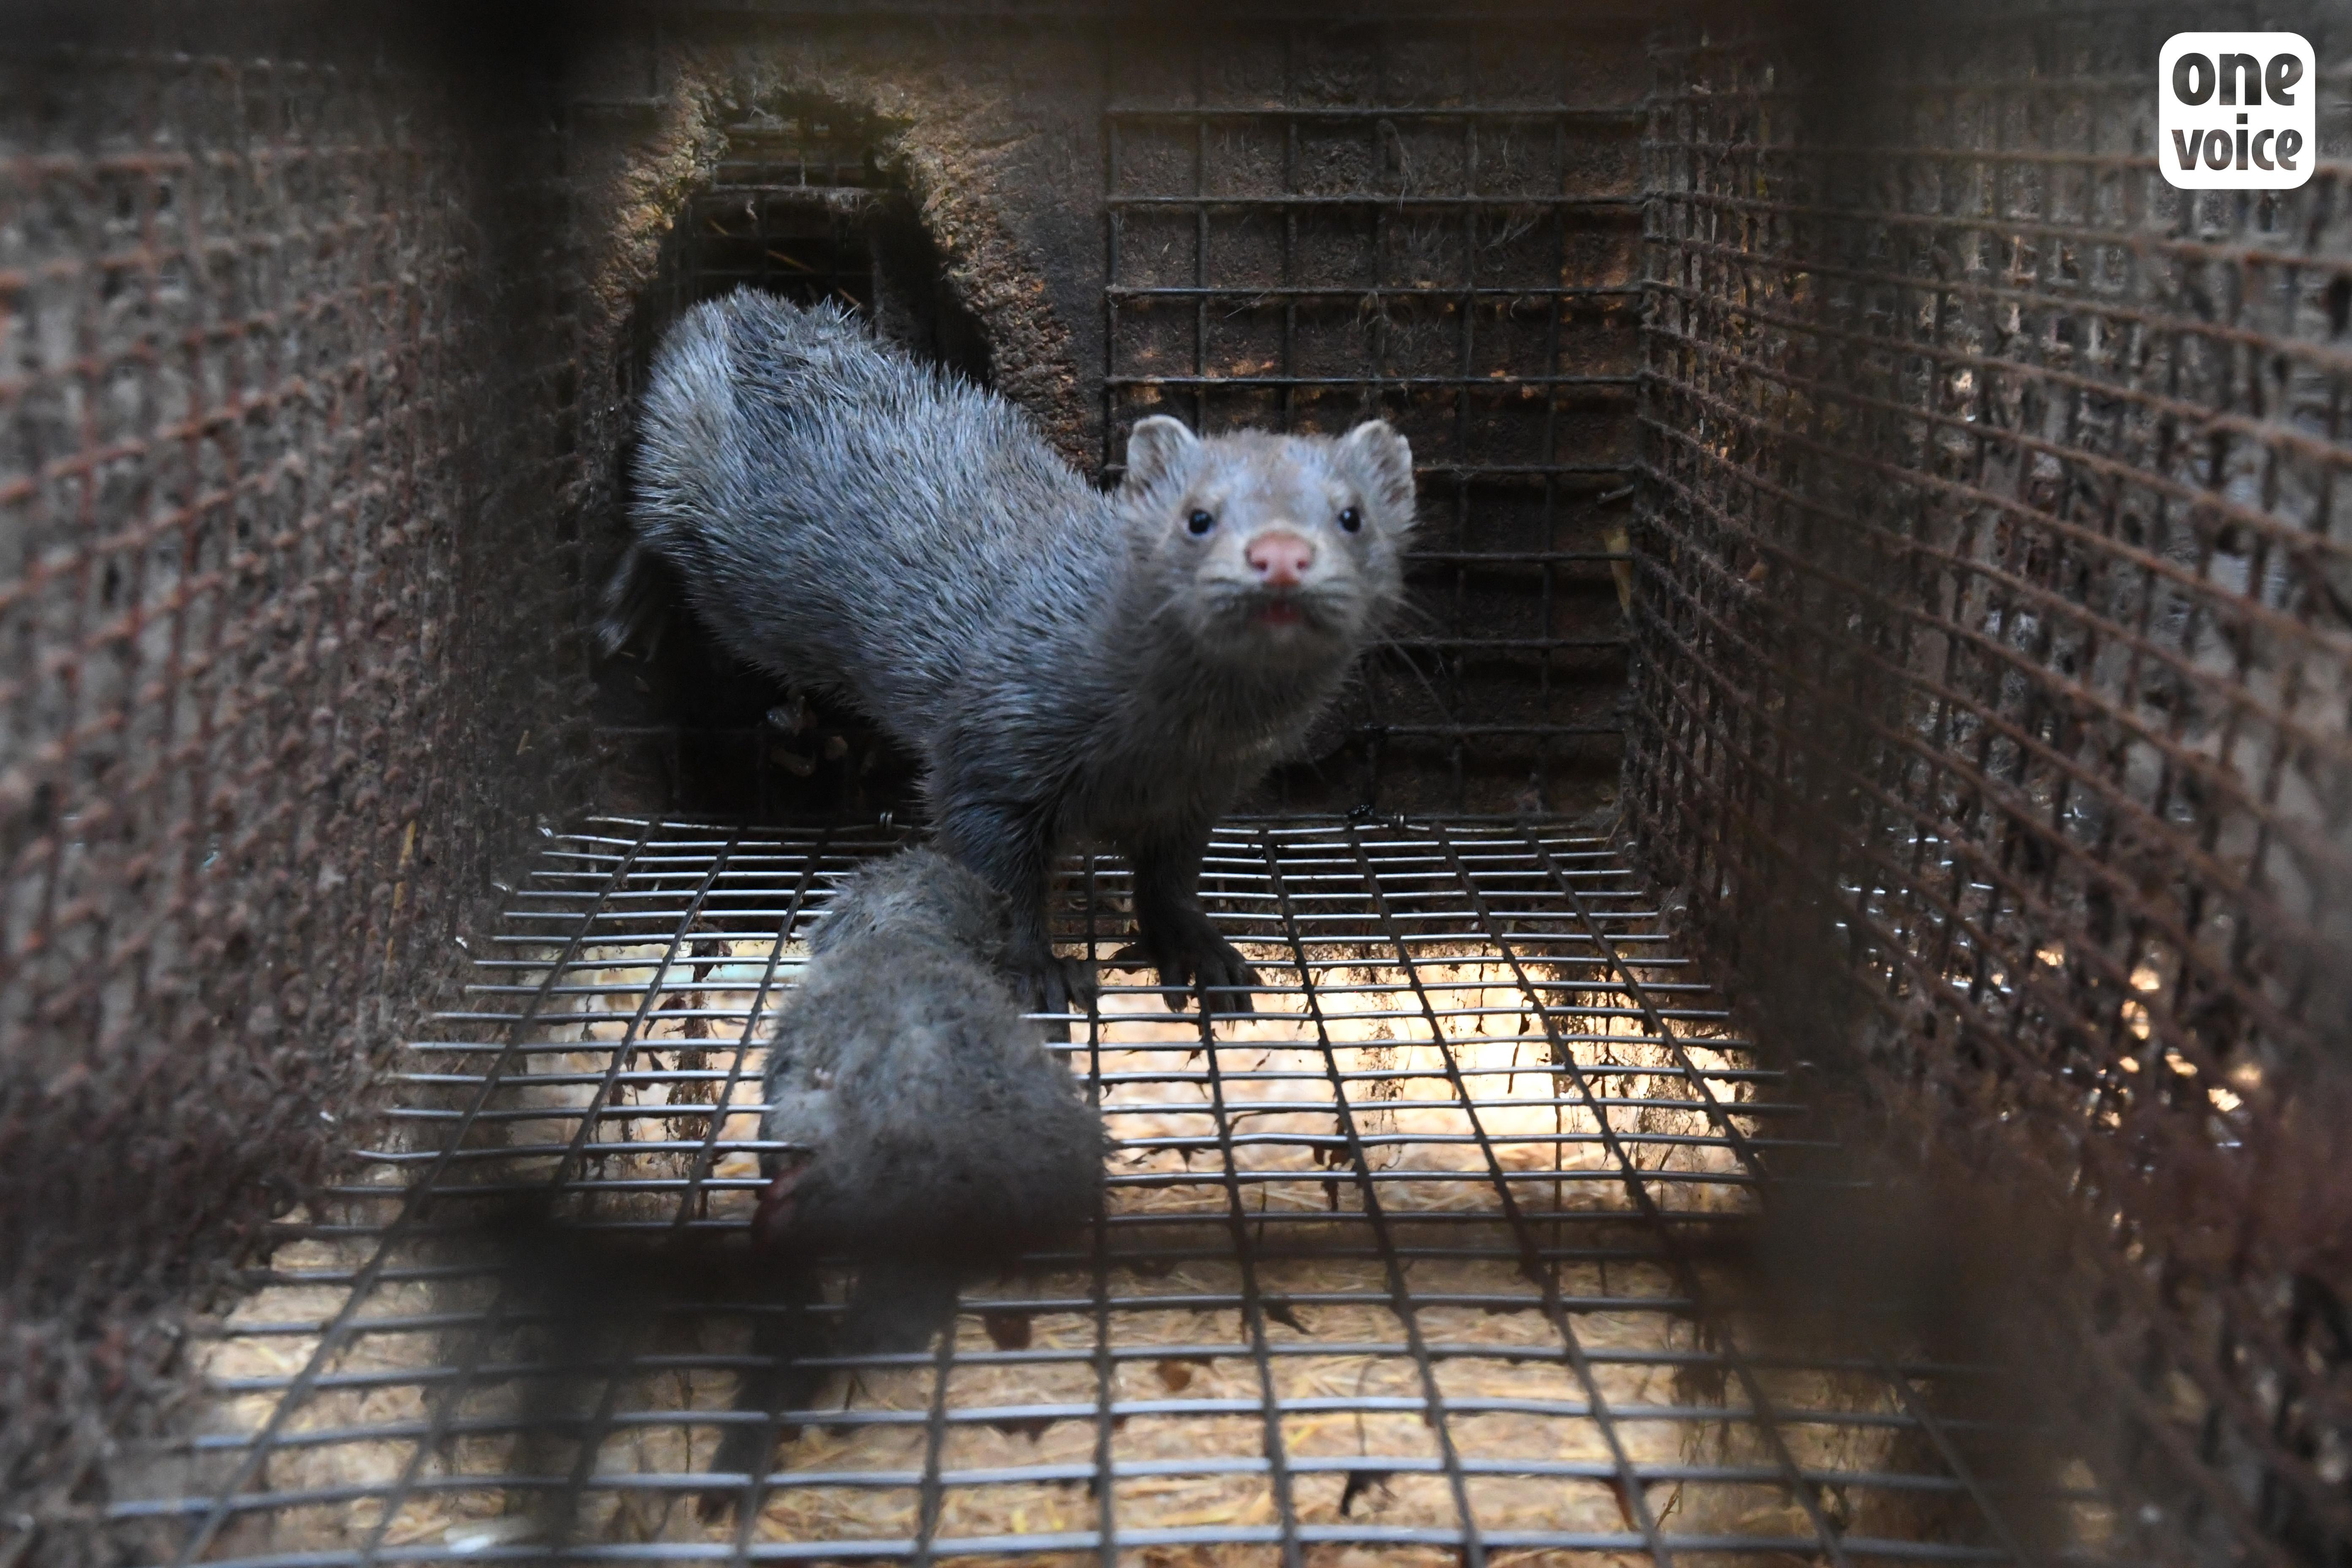 Mink on French fur farm